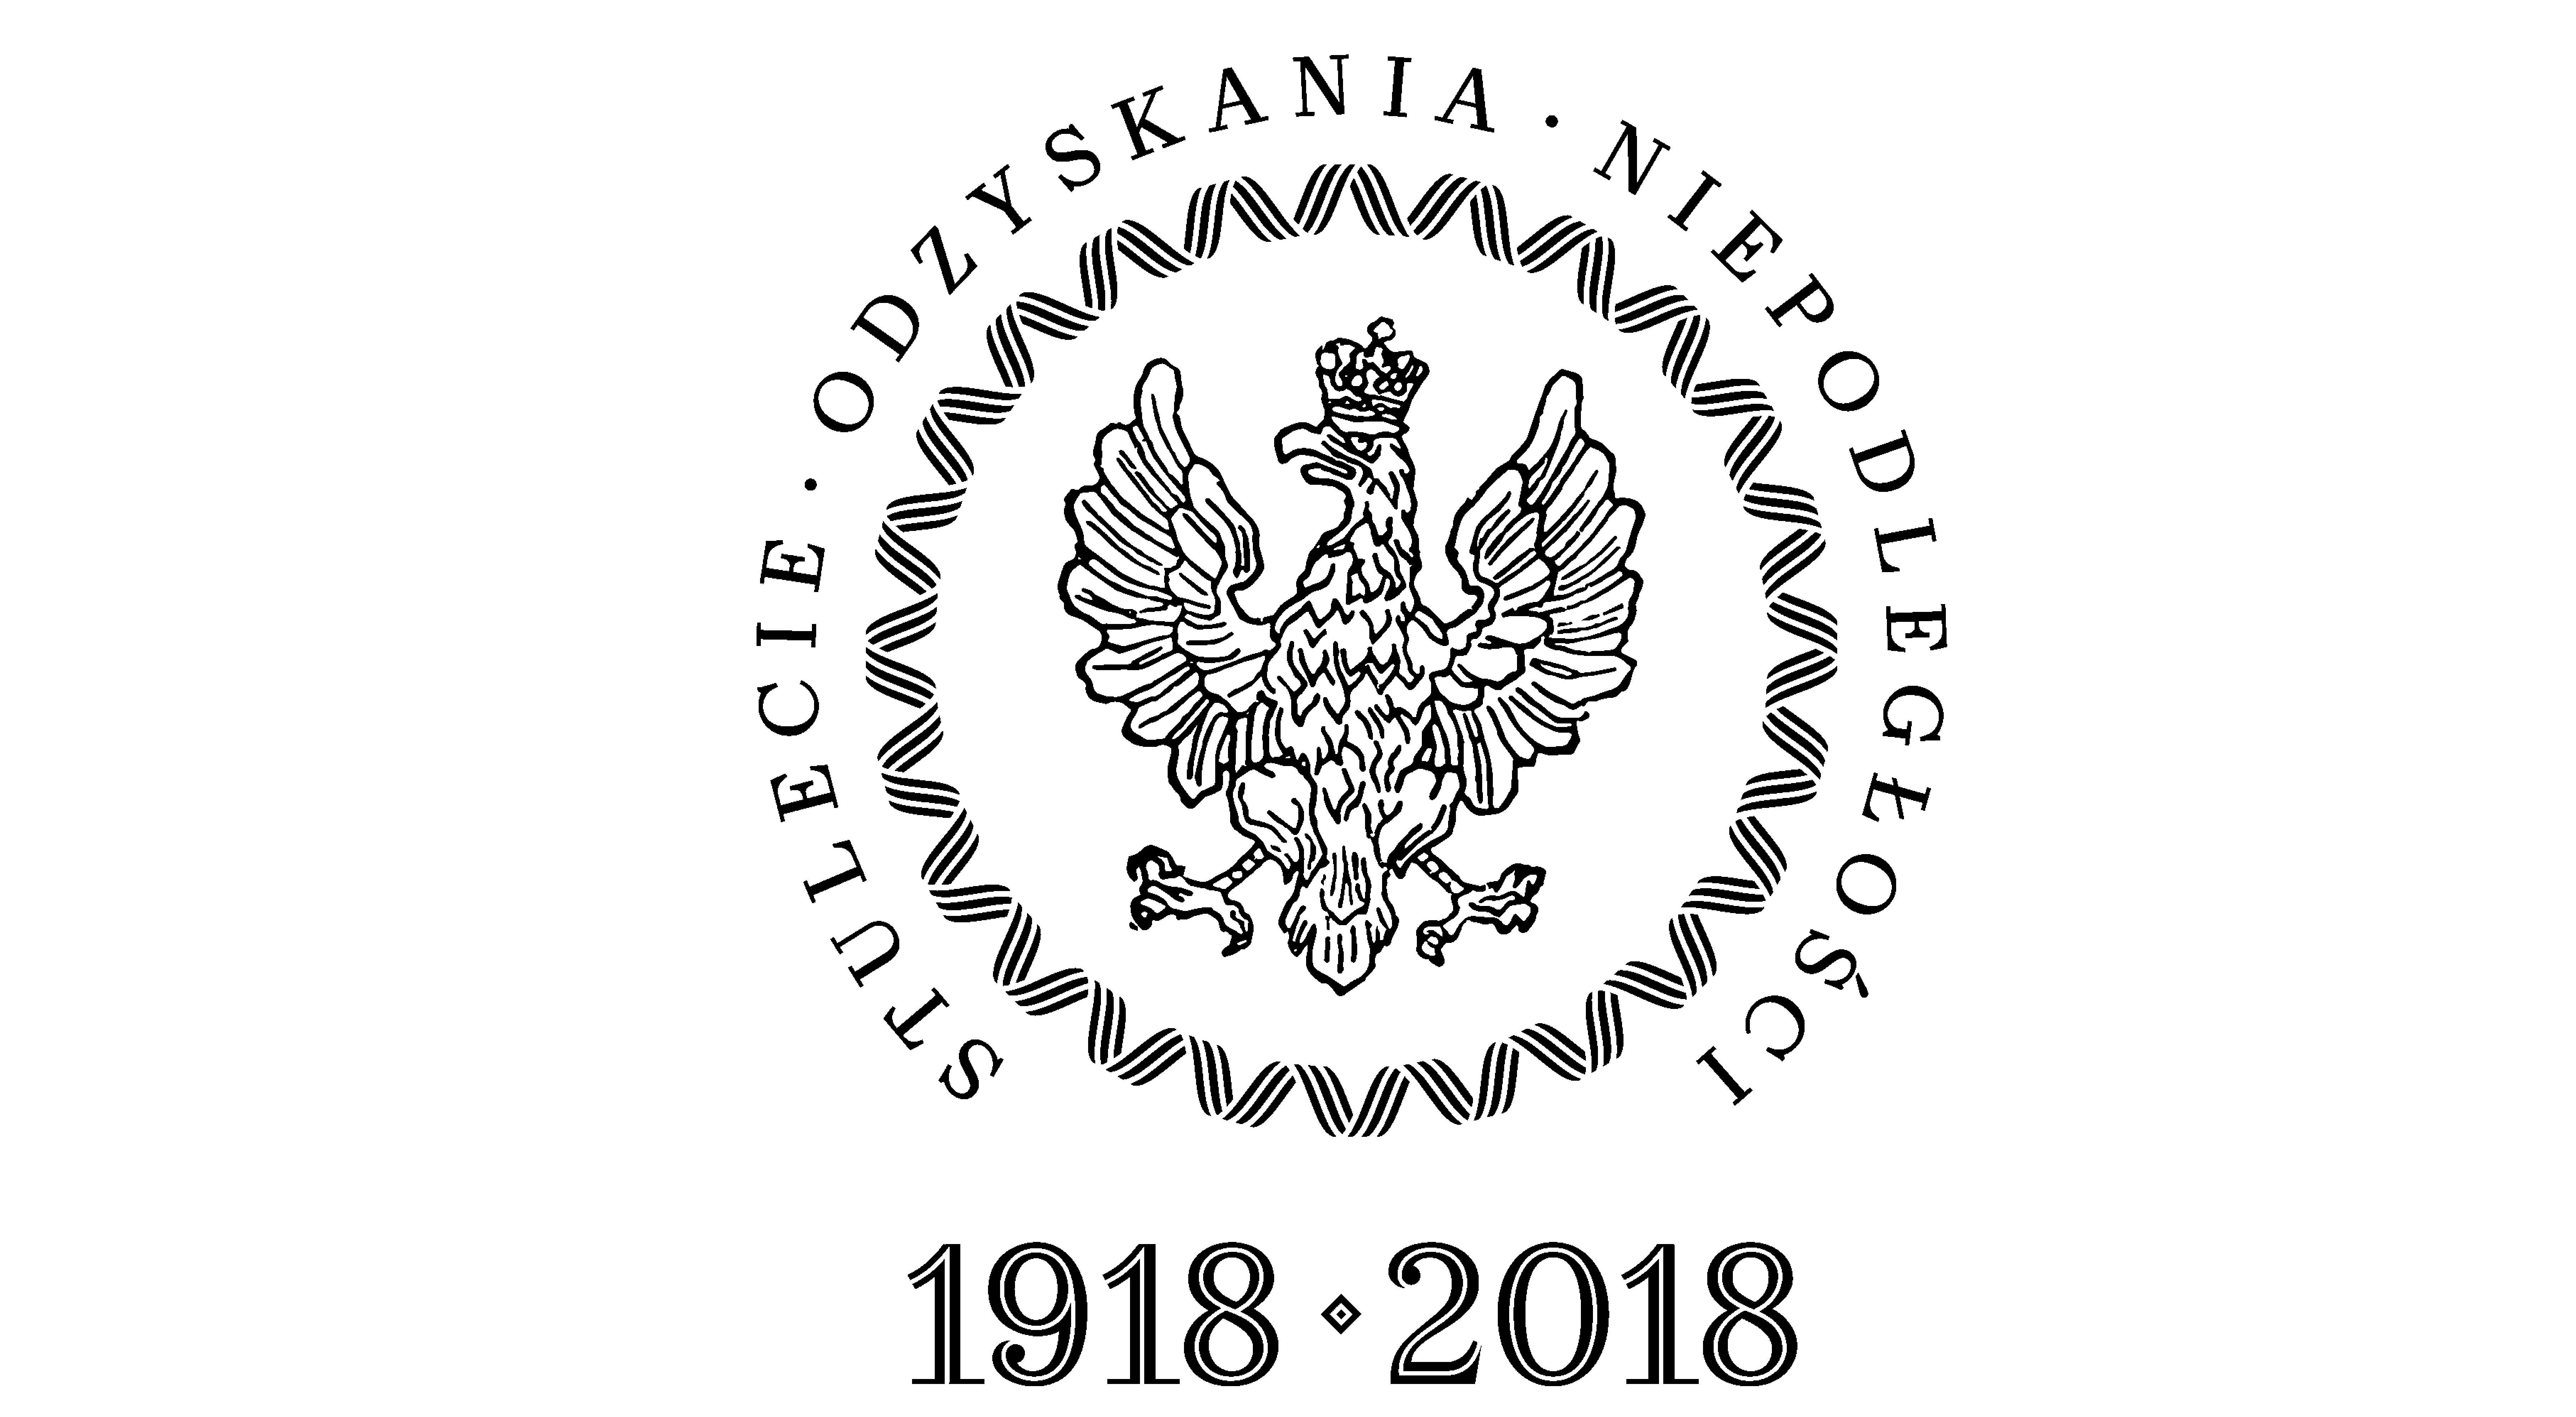 100 Lecie Odzyskania Niepodległości Serwis Urzędu